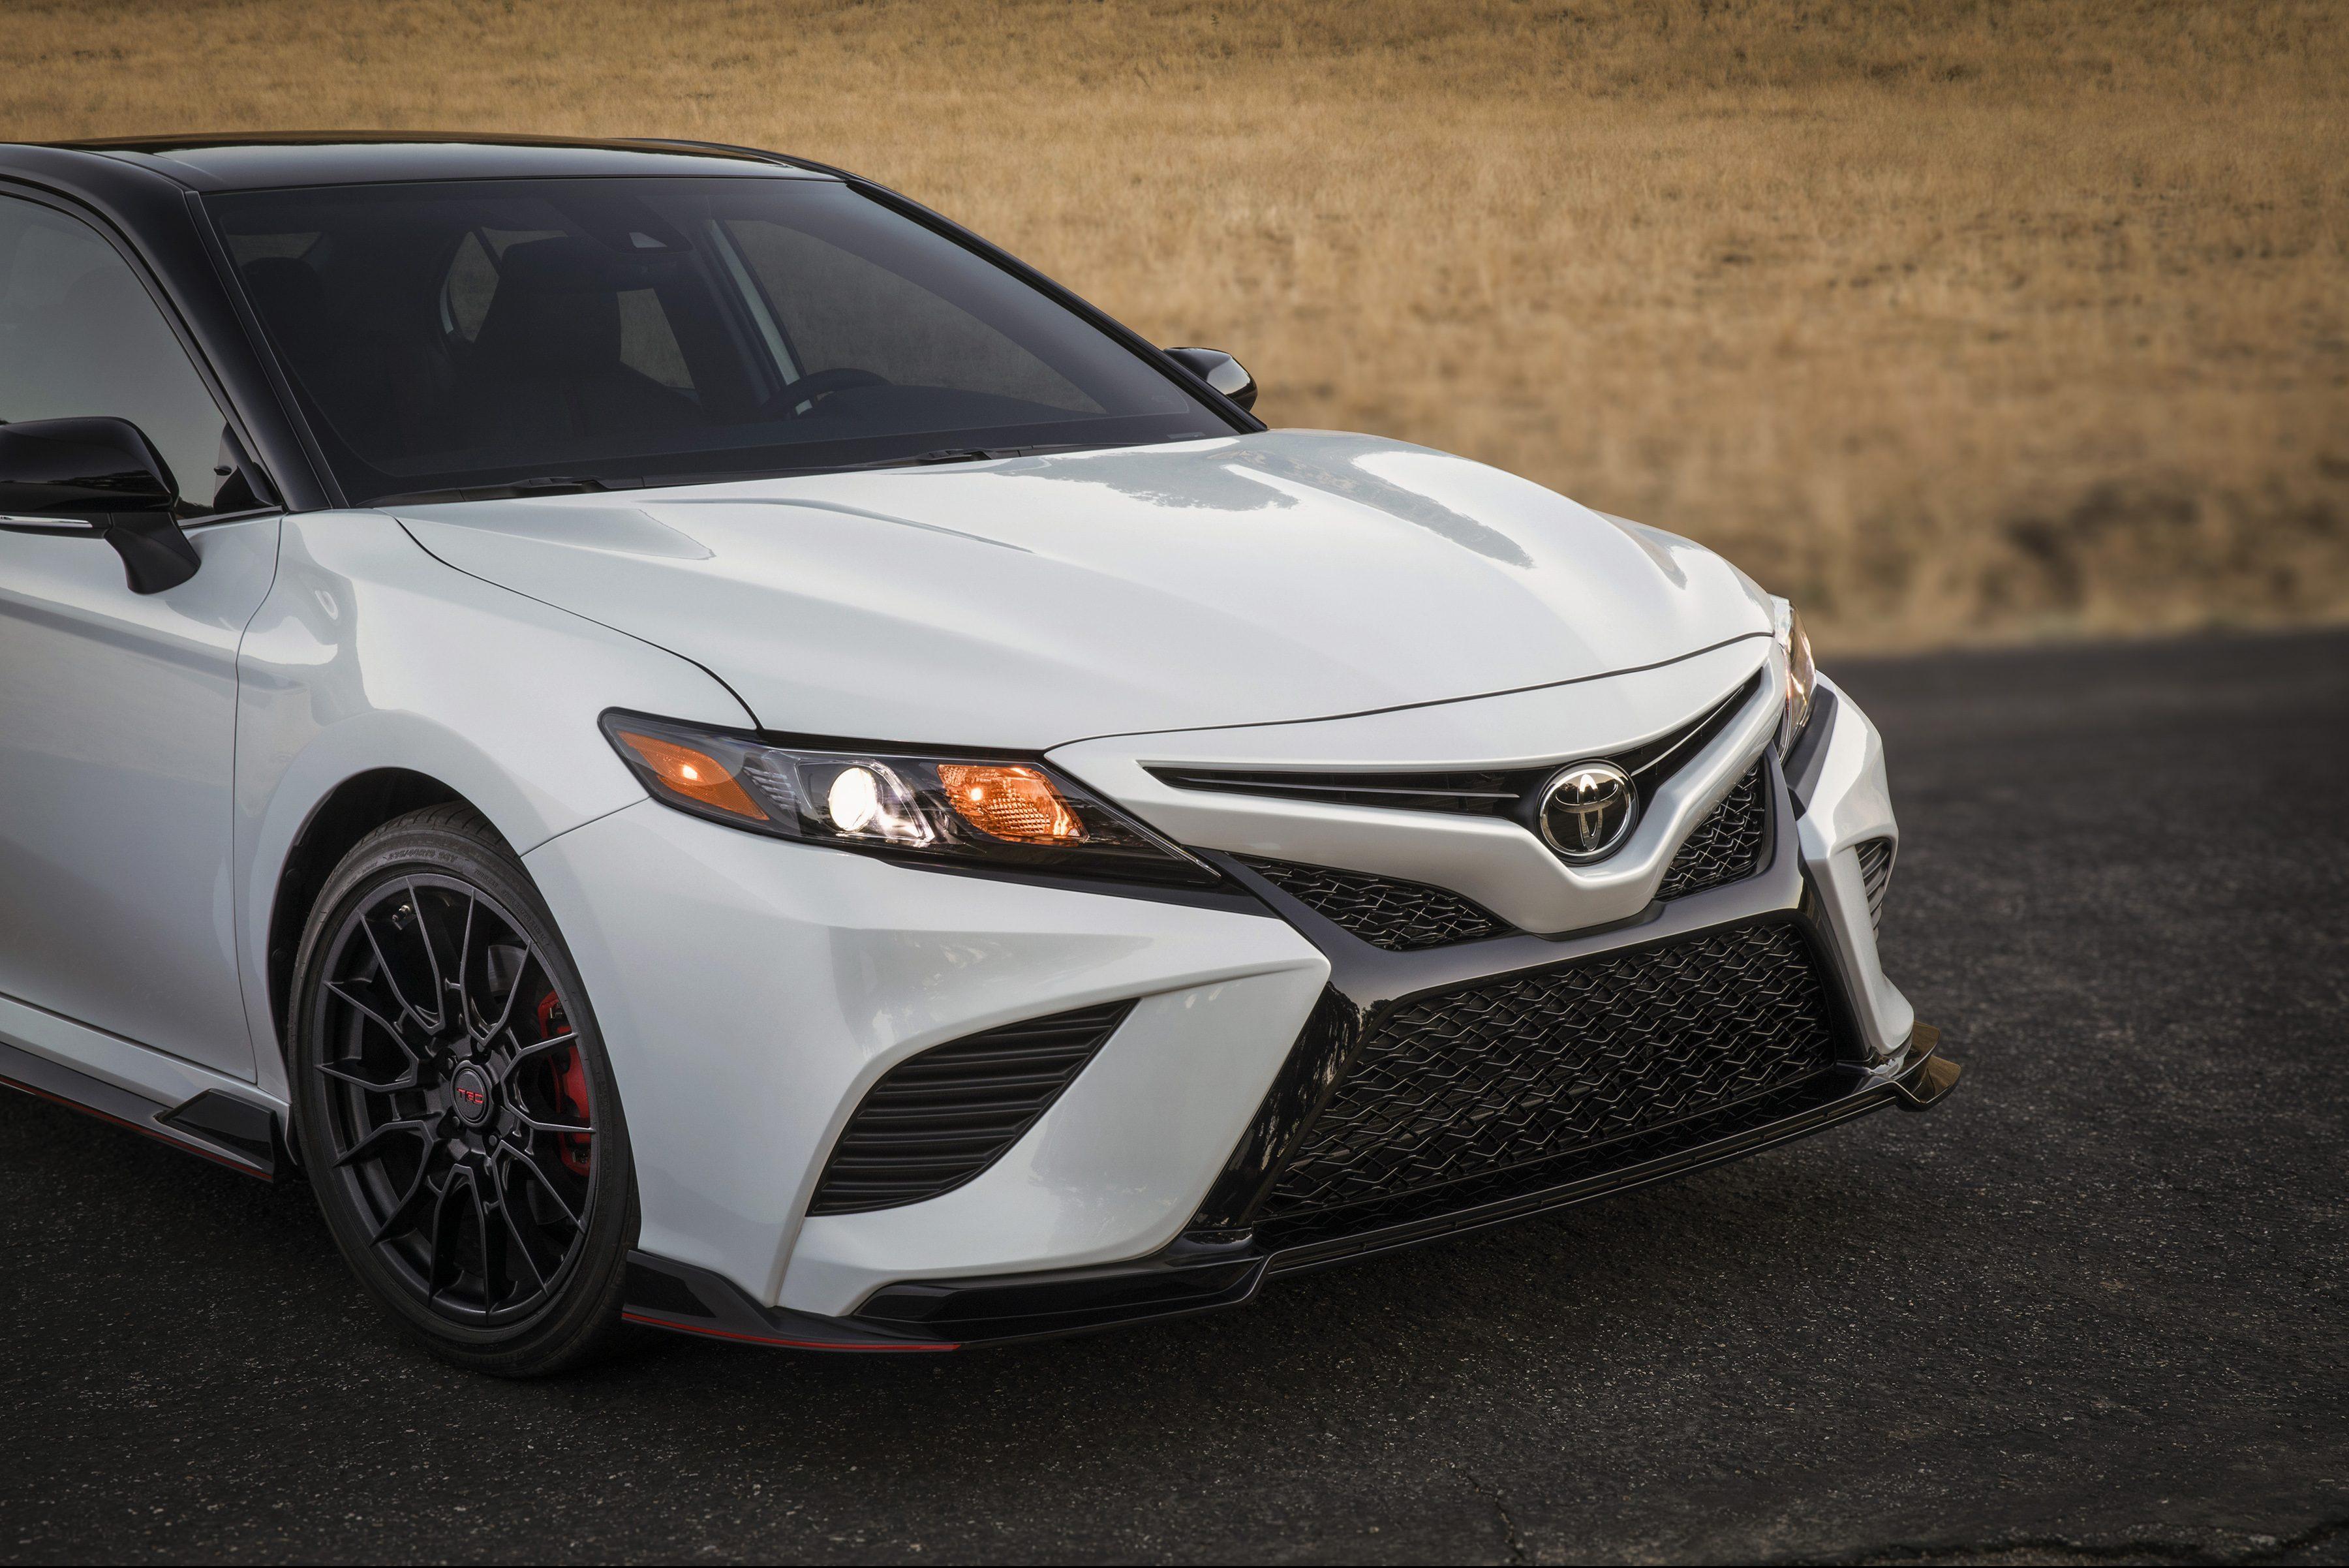 Toyota Camry Trd E Um Coroa Acelerado Com Motor V6 De 300 Cv Quatro Rodas